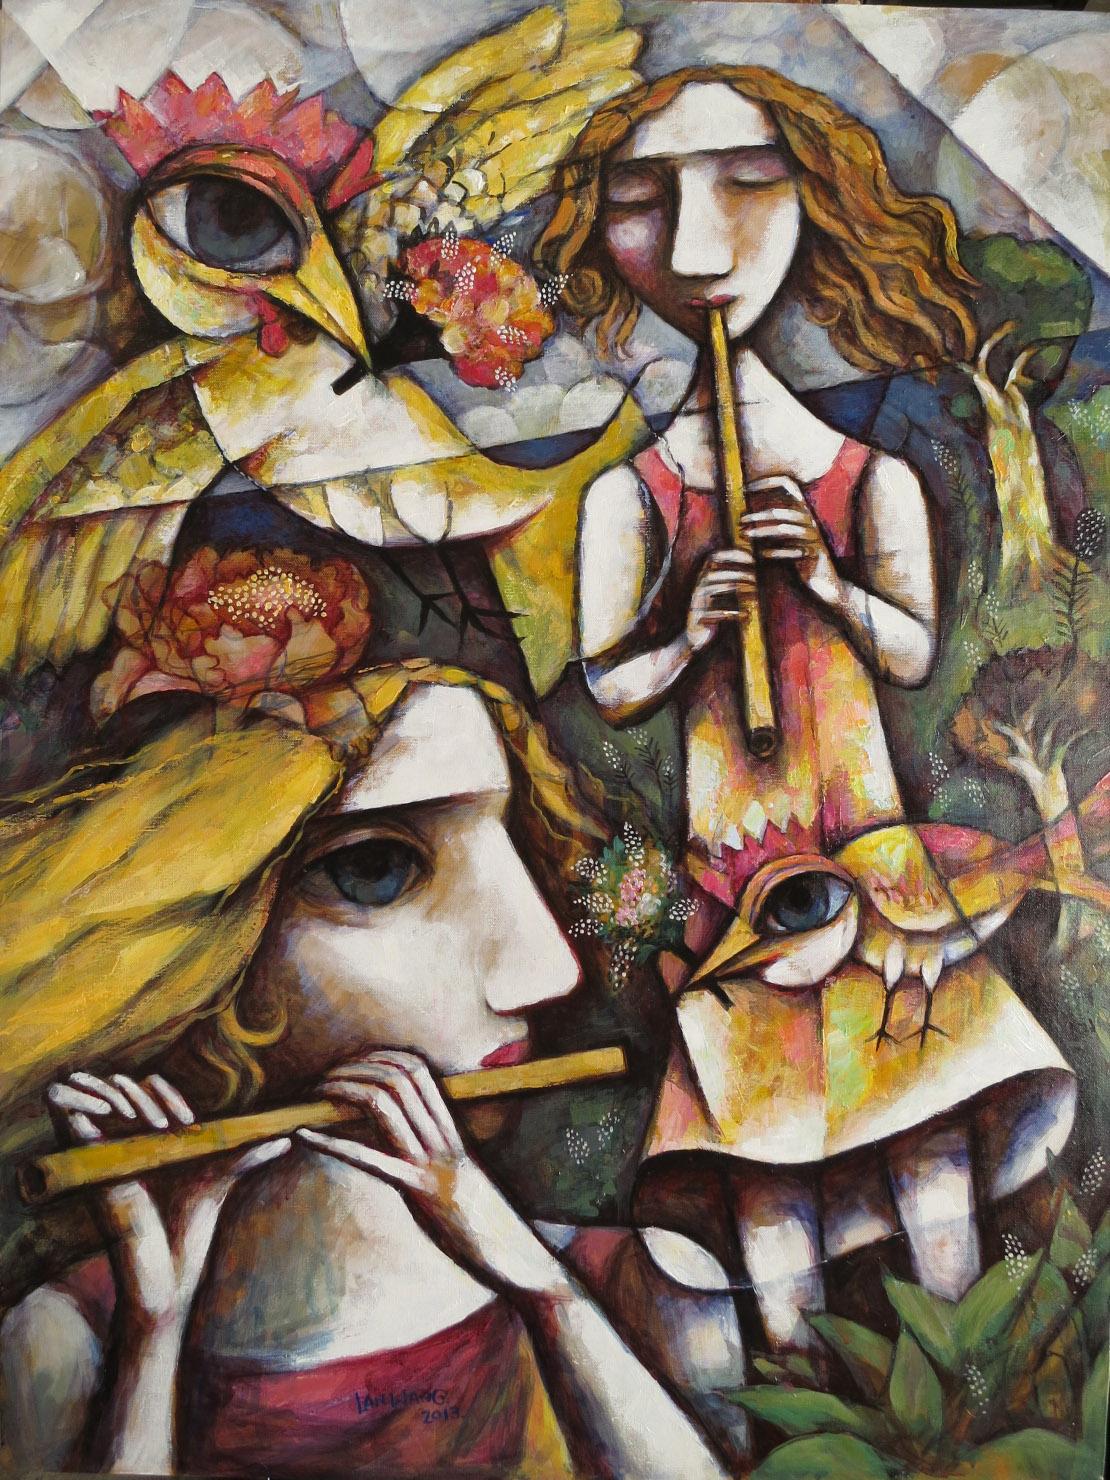 05-flutesound-no2-2013-canvas-76-x-102-2200